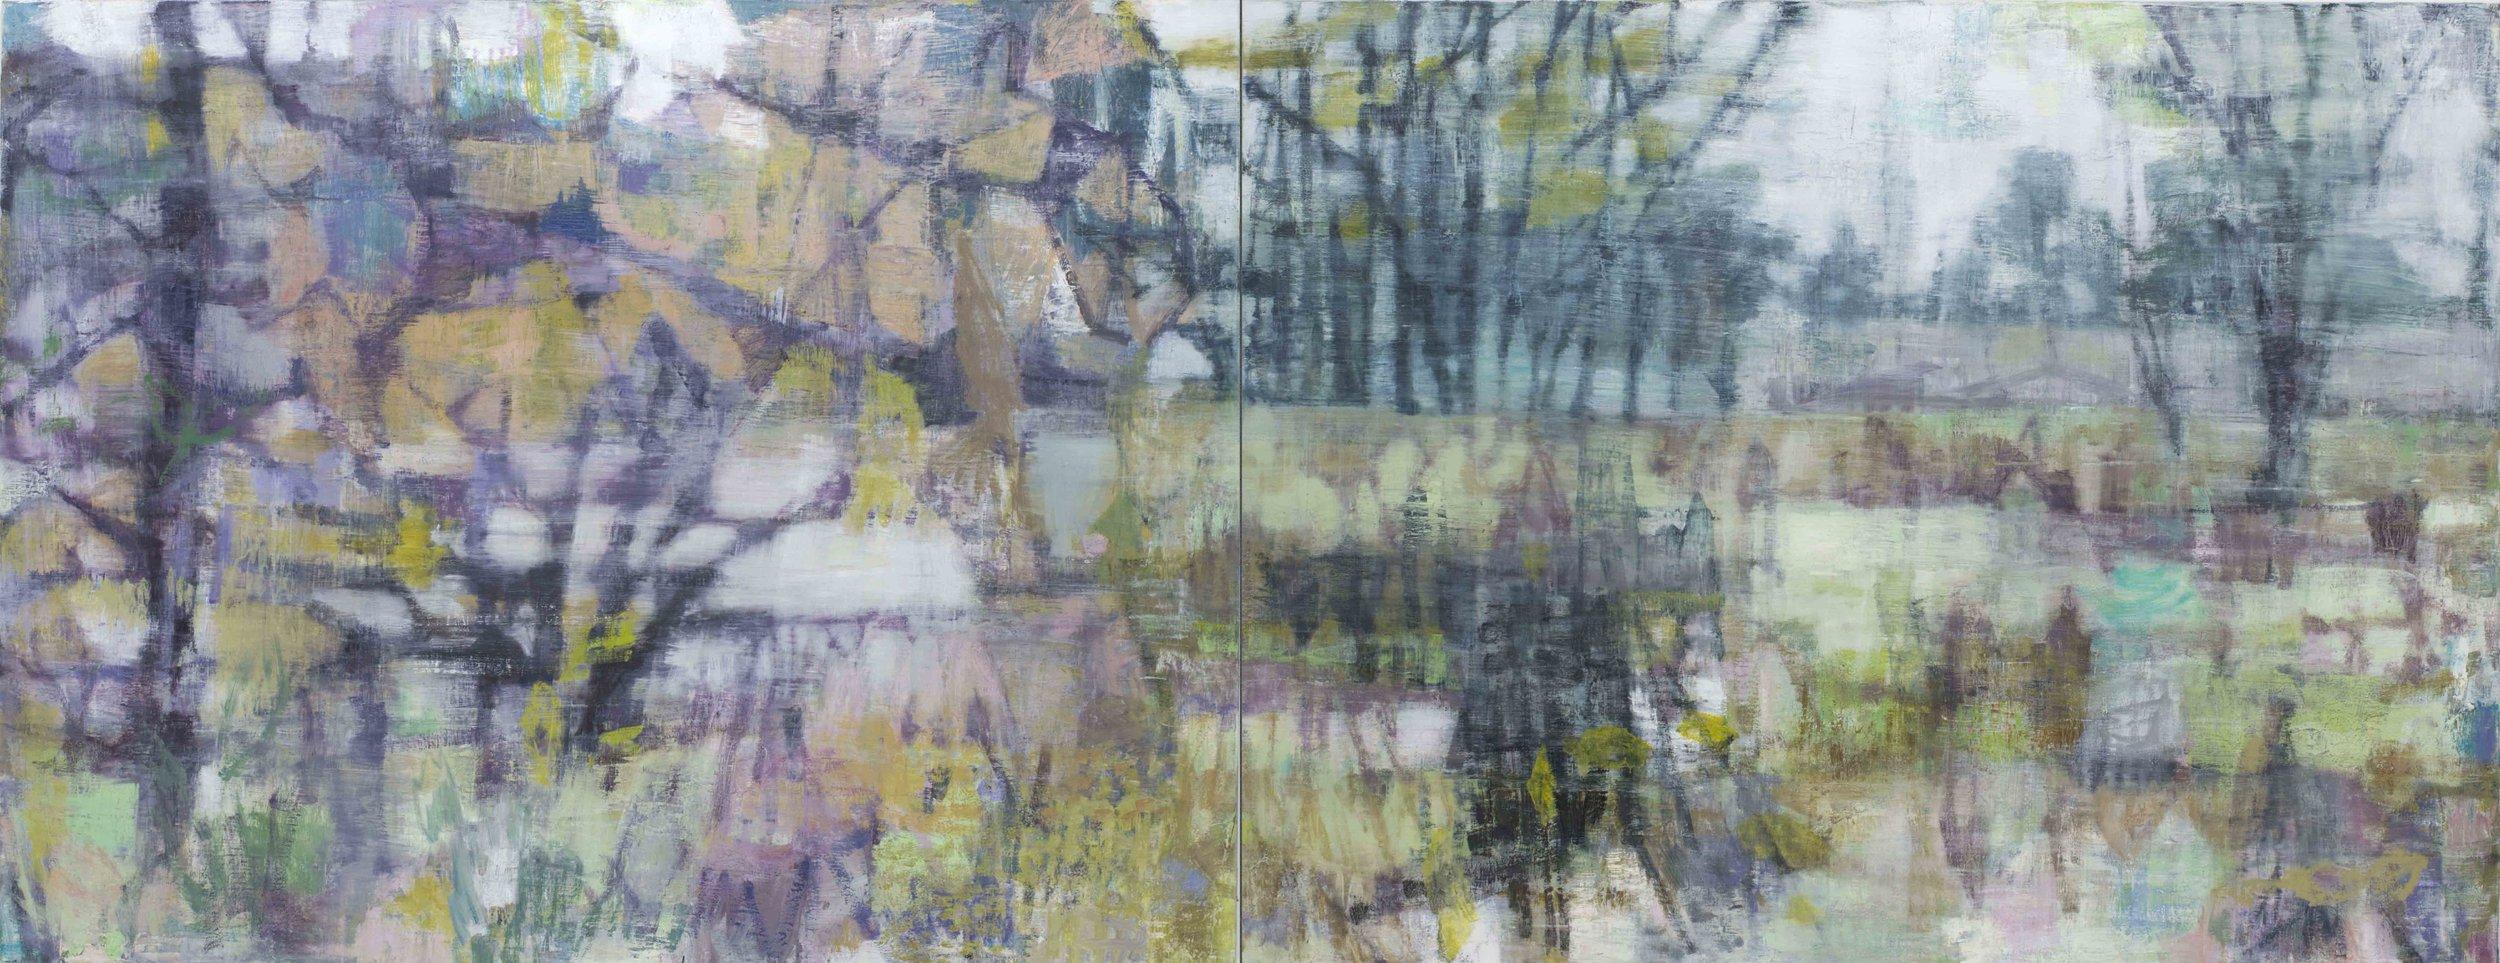 Joanna Logue, Heartland I , 2016, oil on linen, 130 x 340cm